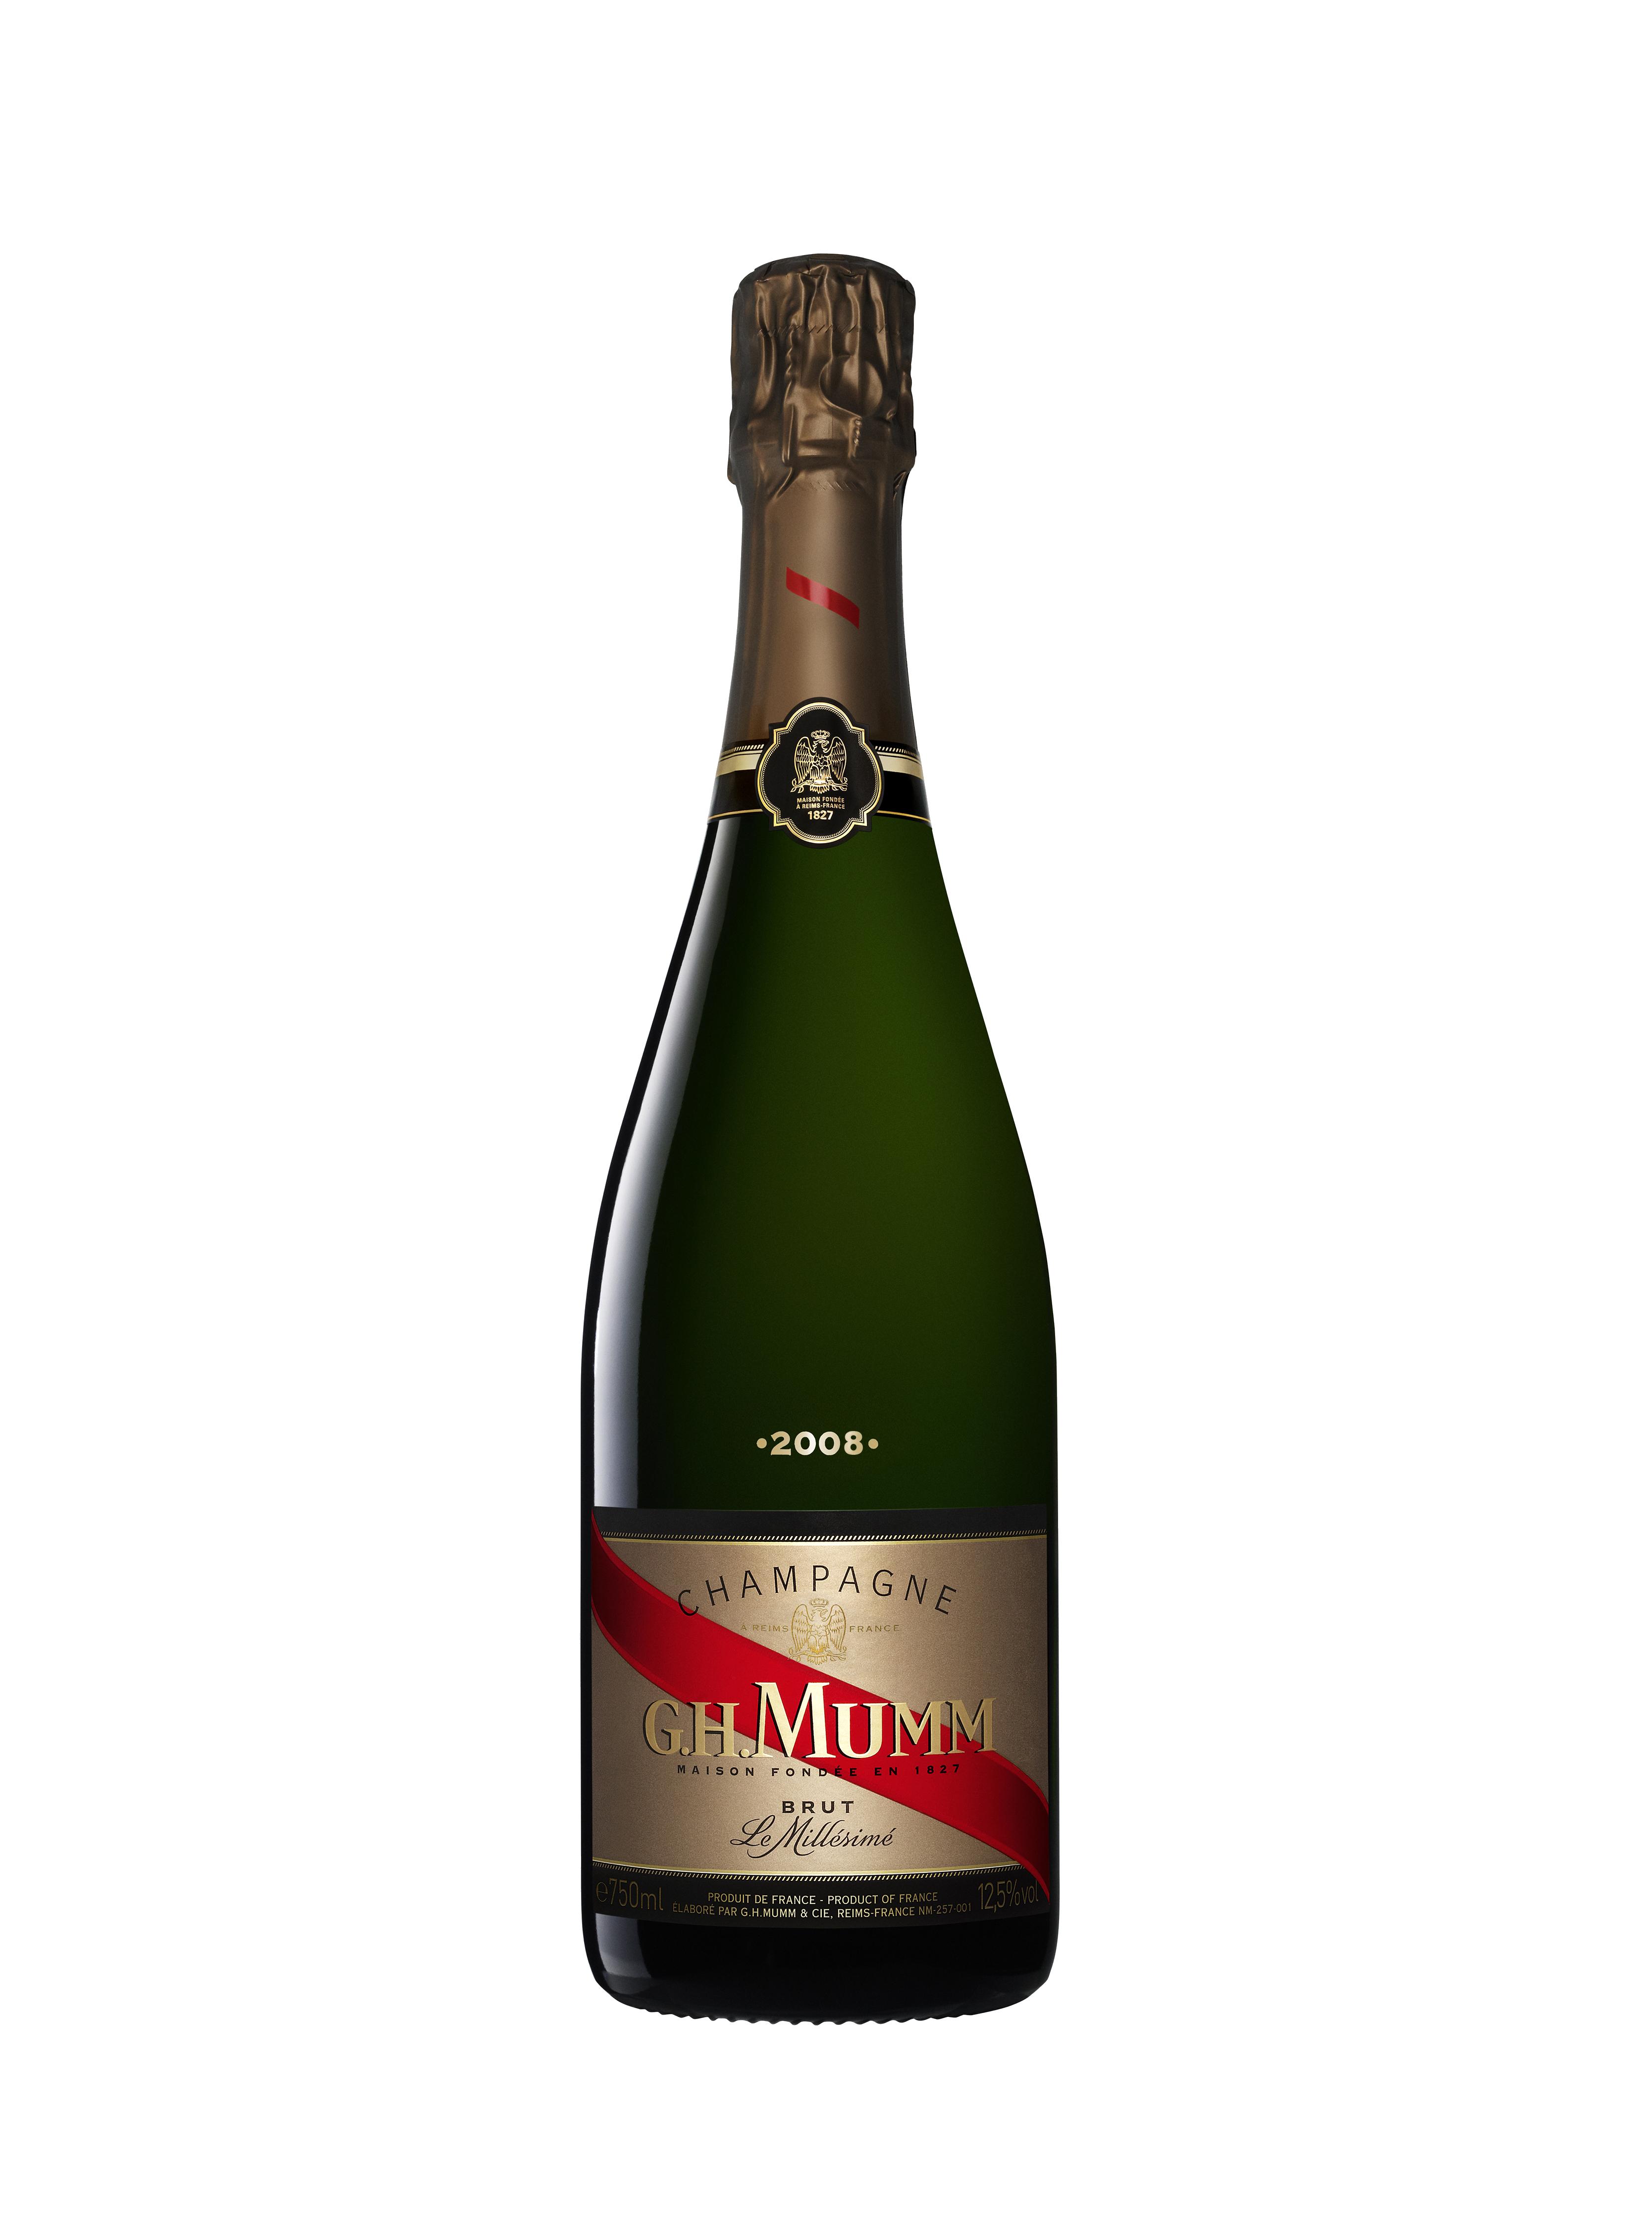 Champagne millésimé 2008